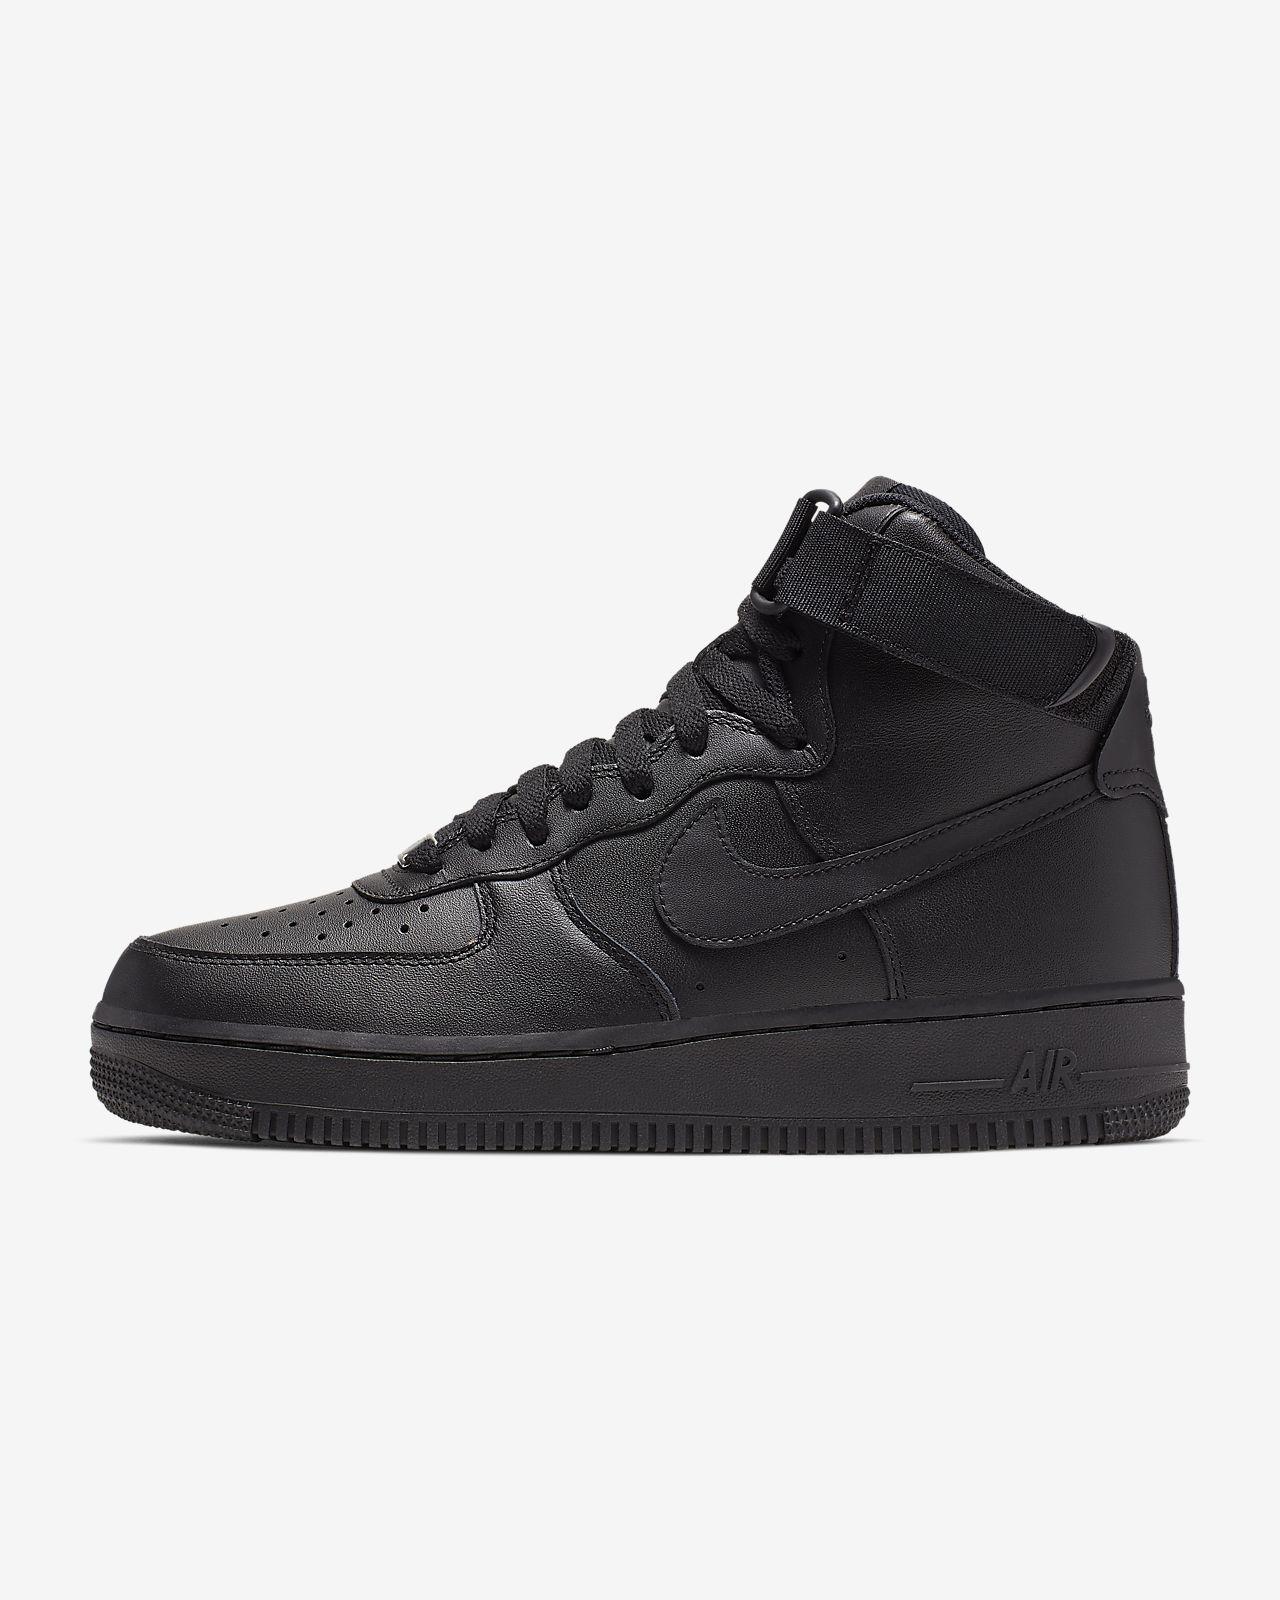 Sko Nike Air Force 1 High 08 LE för kvinnor